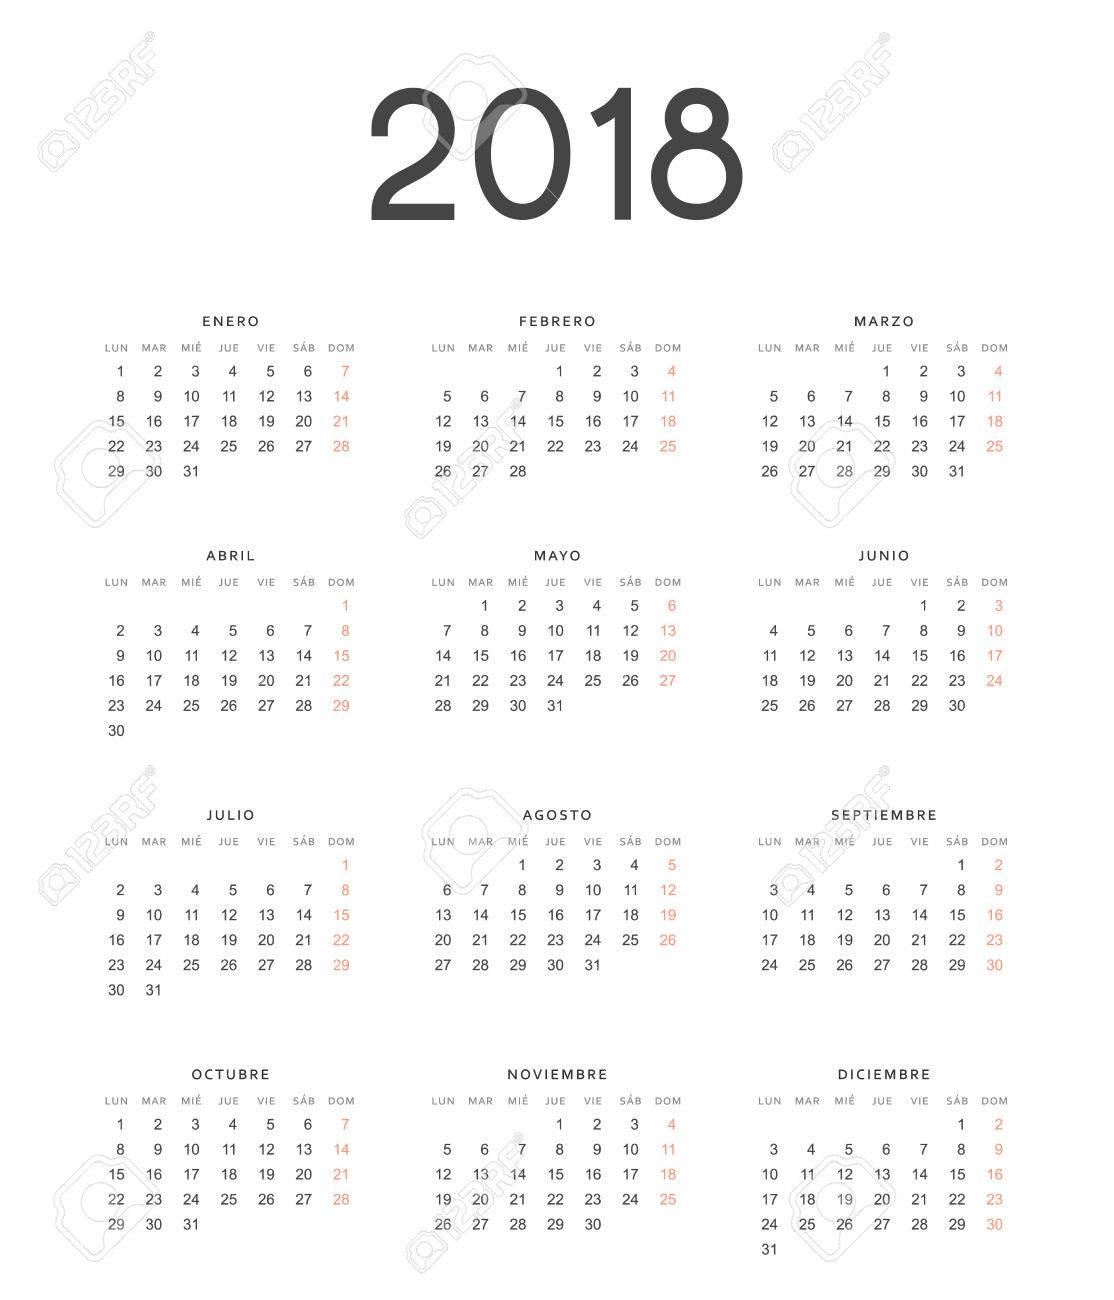 foto de archivo plantilla simple para imprimir calendario moderno 2018 en espaol la semana comienza el lunes